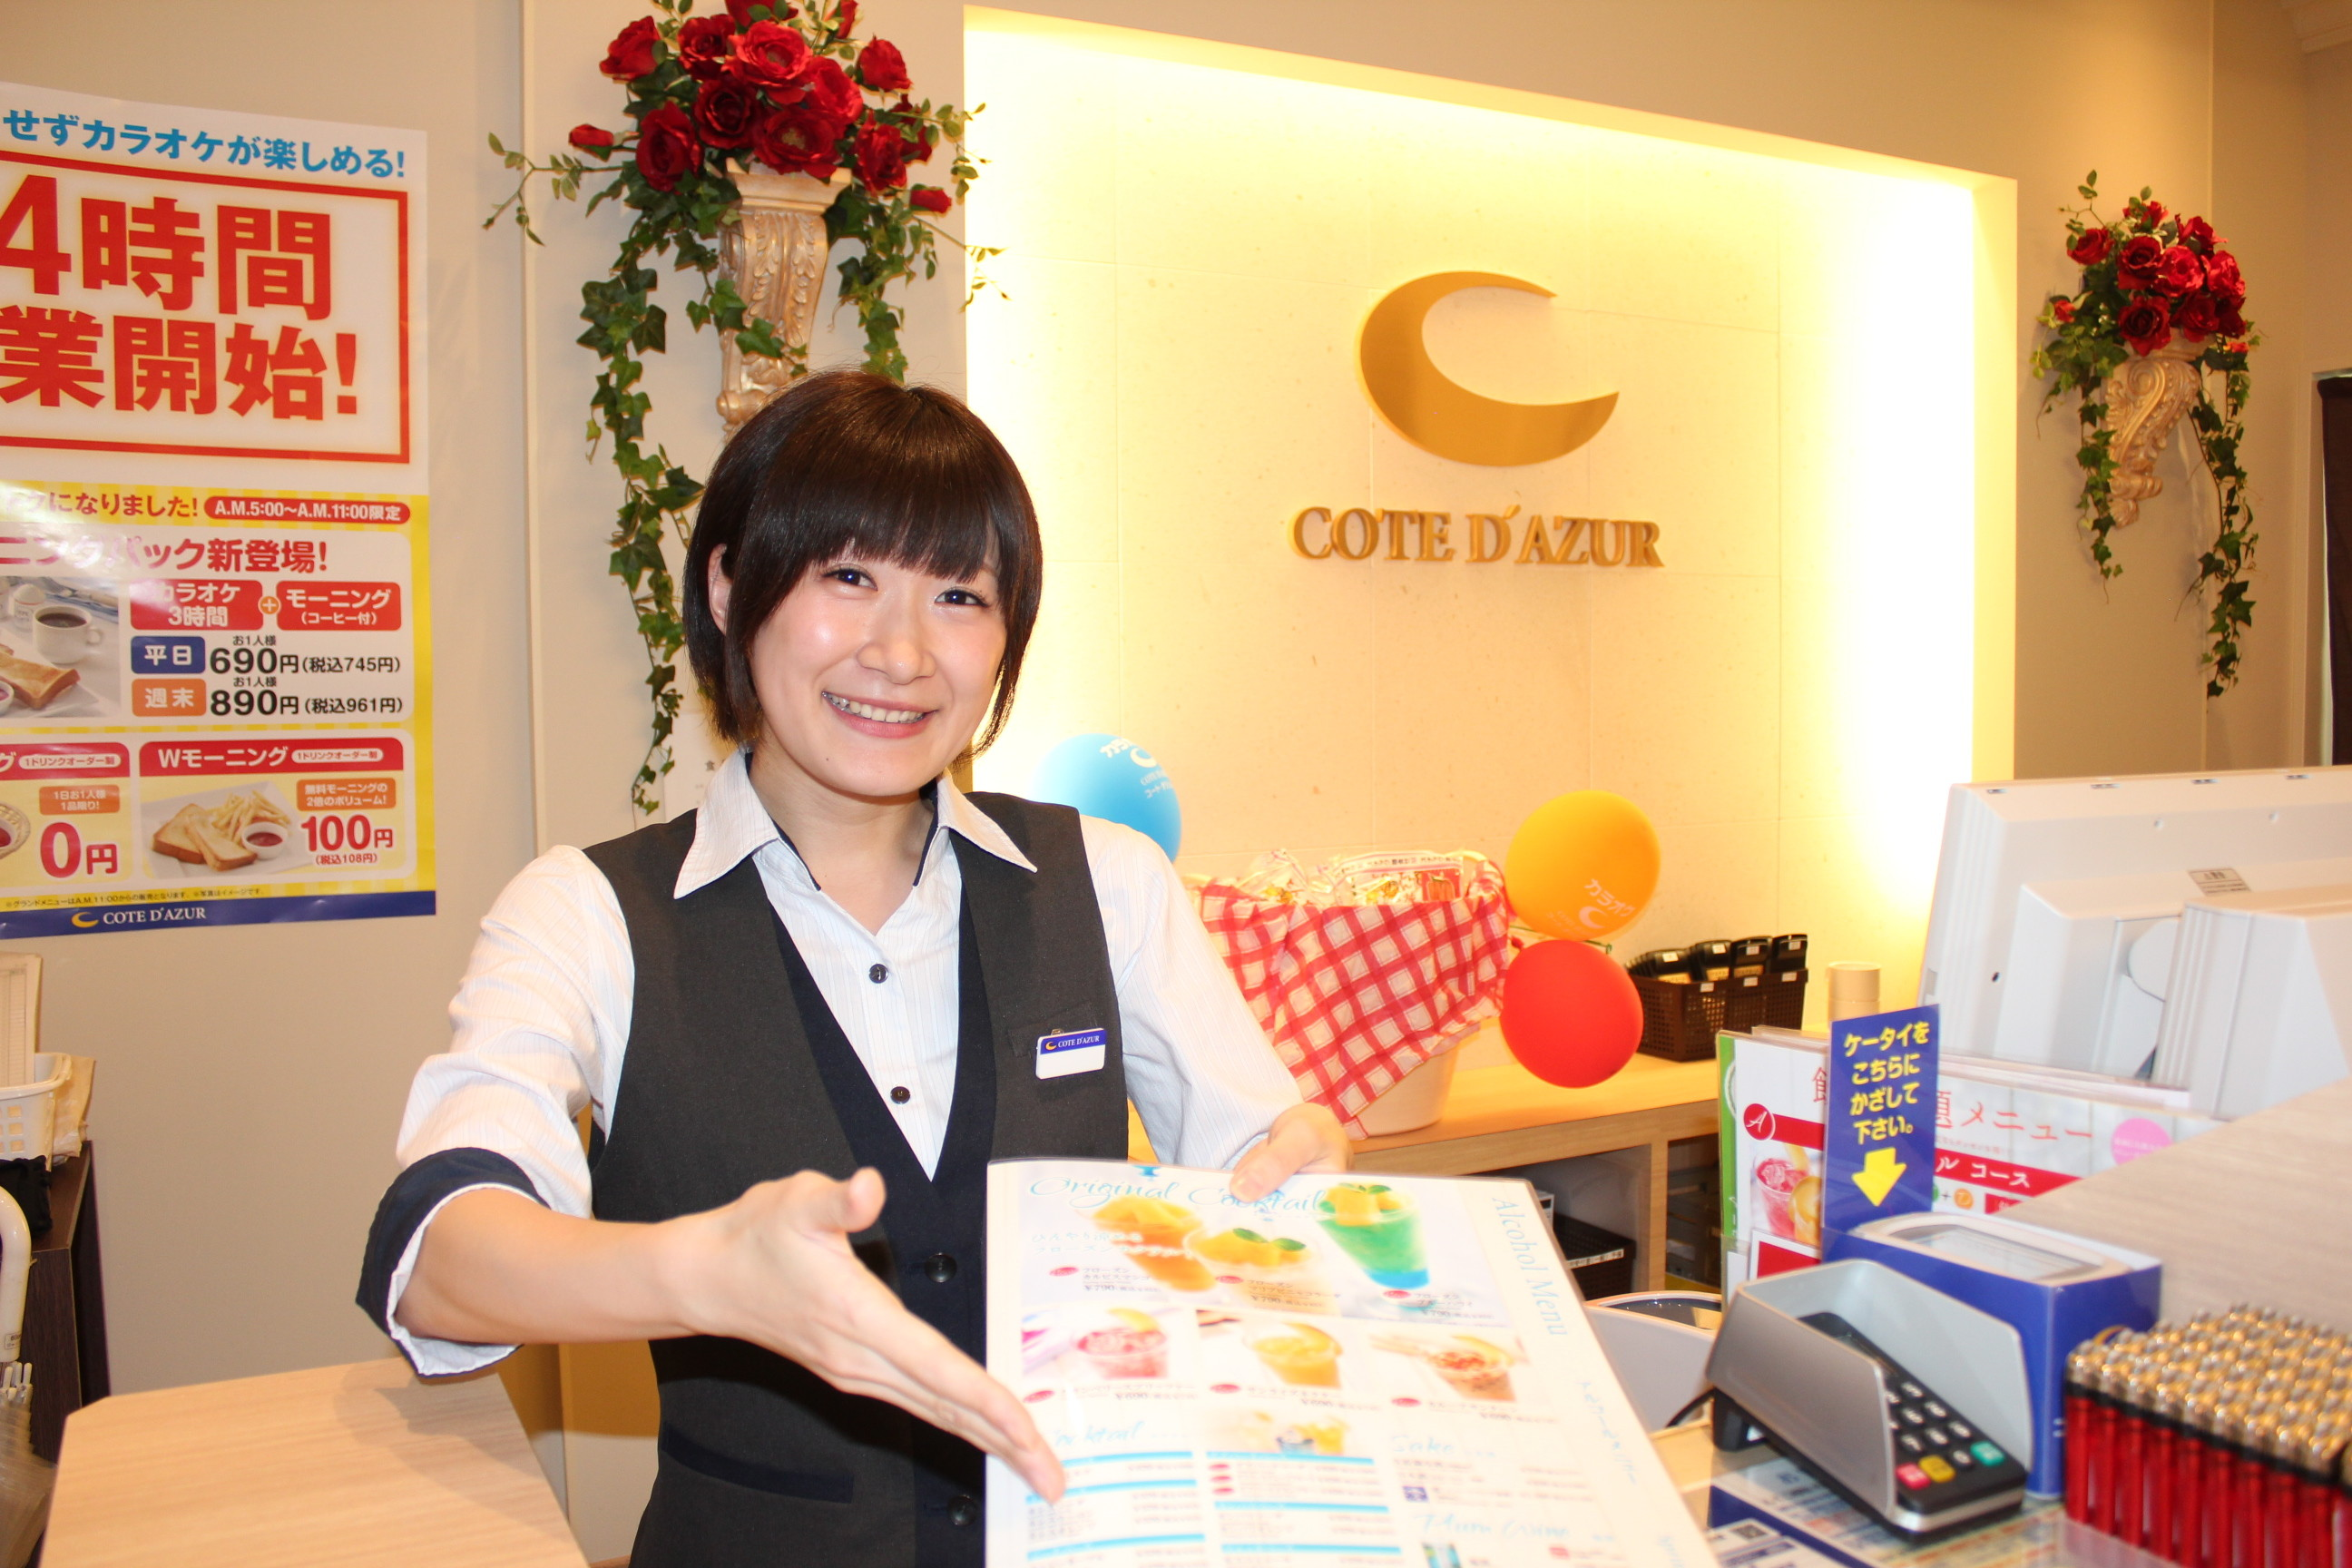 コート・ダジュール 学芸大学店 のアルバイト情報